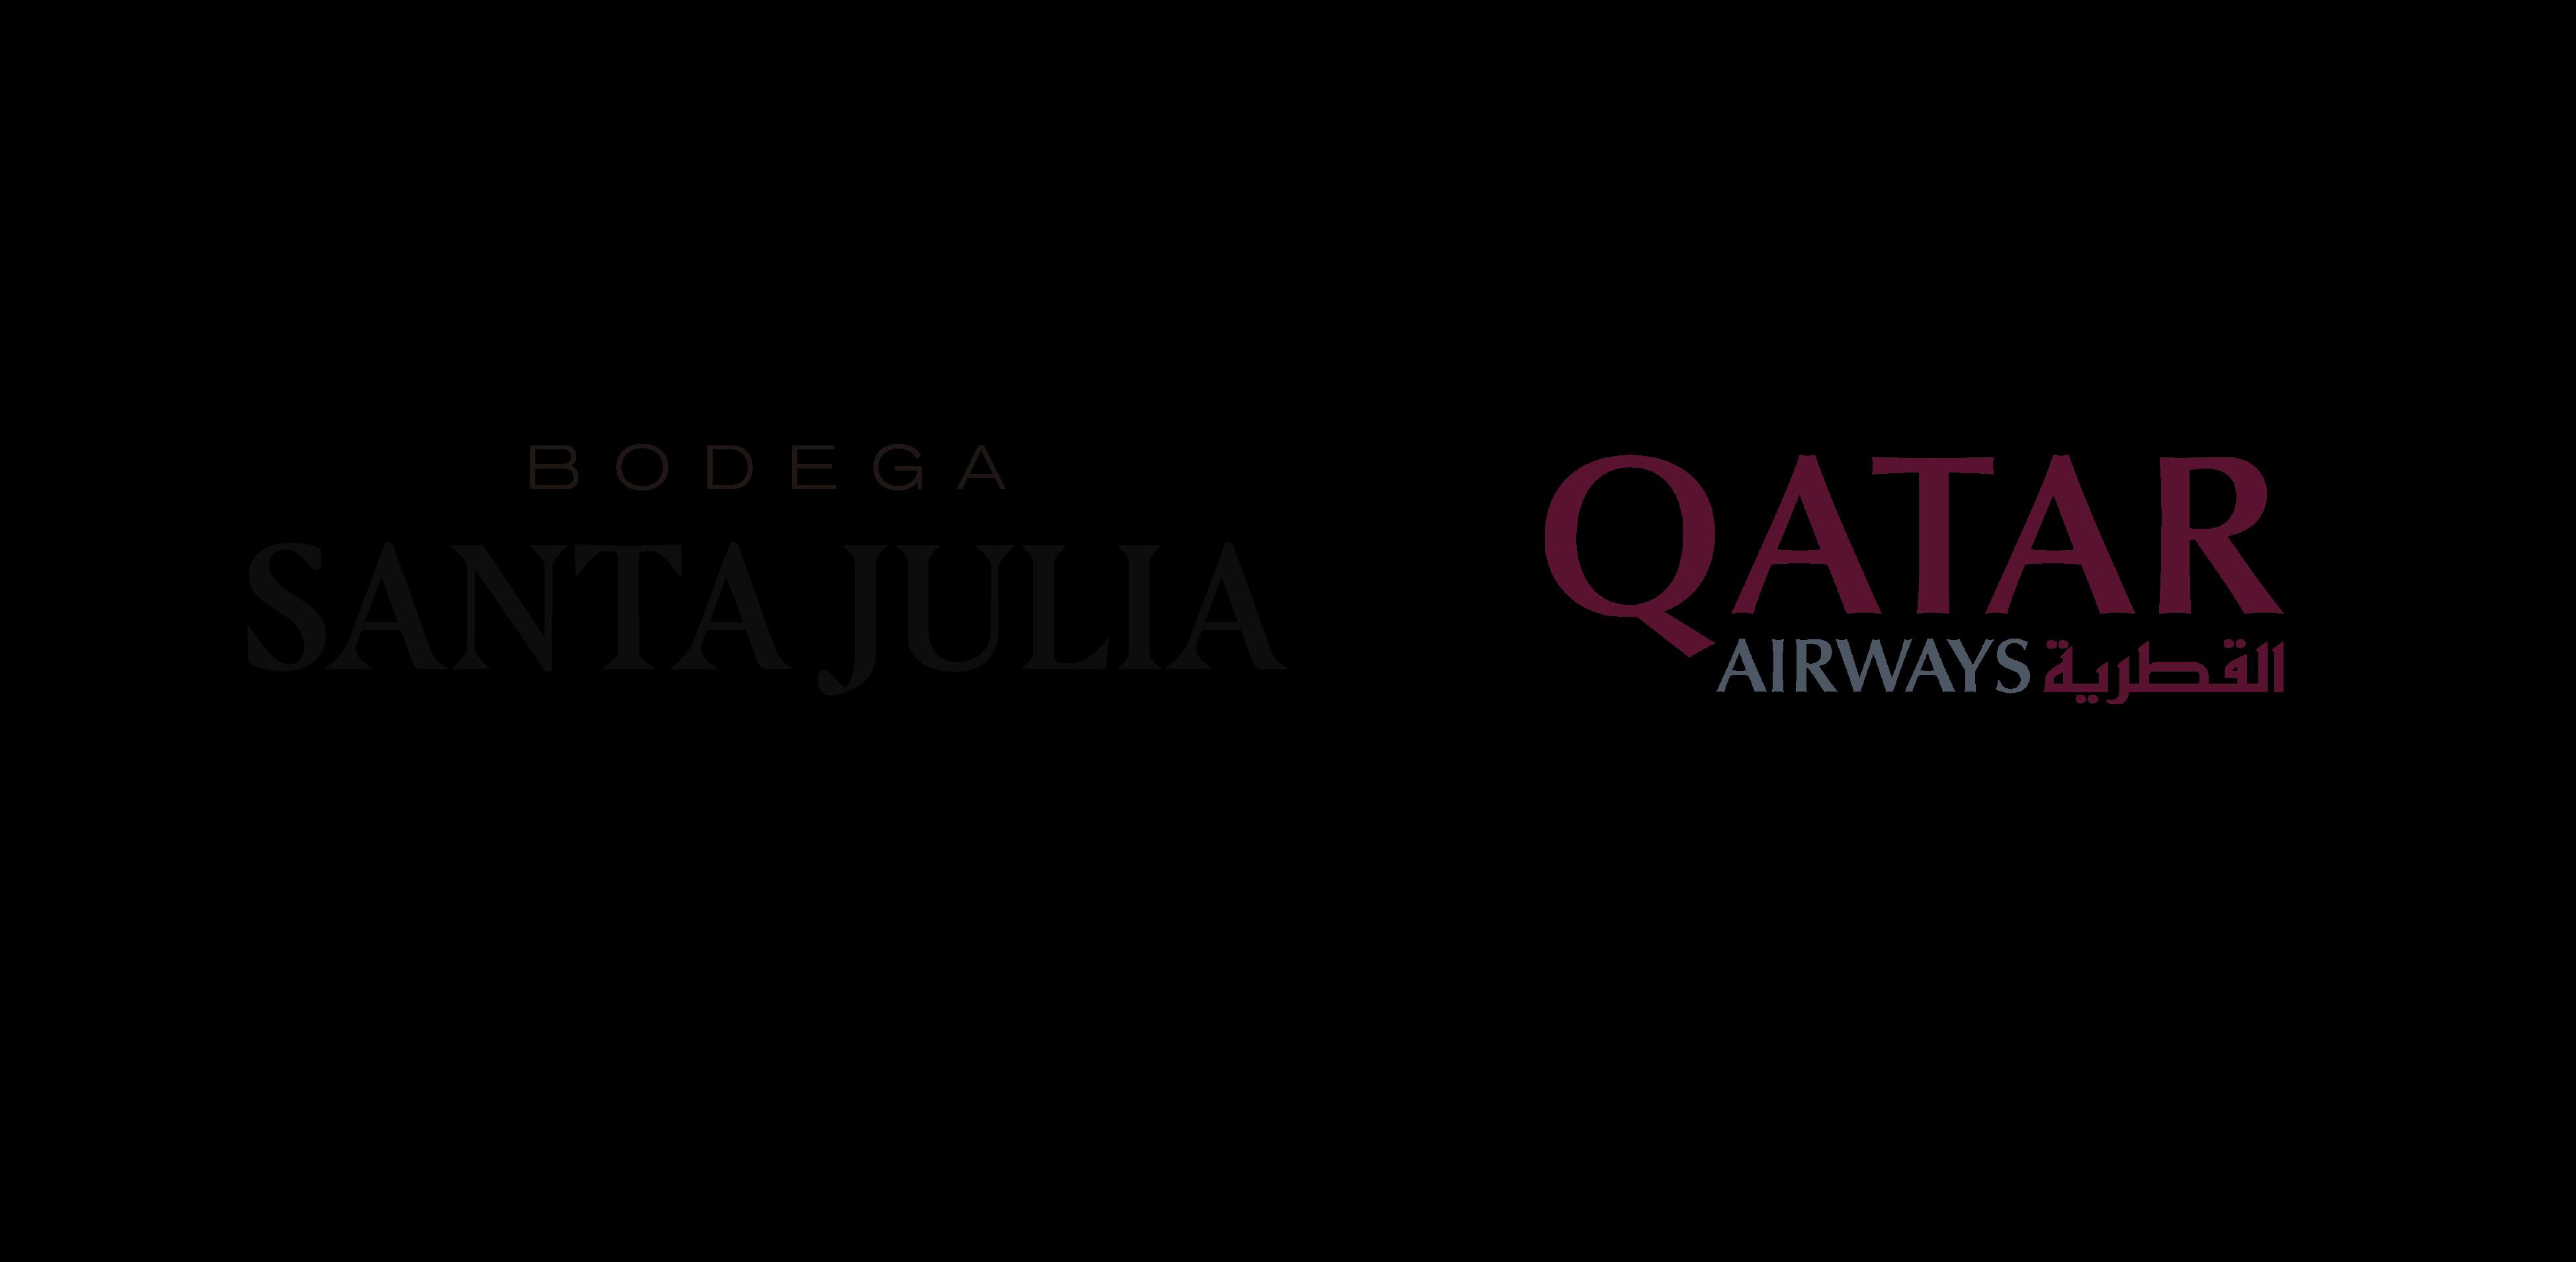 Pasajeros de Qatar Airways podrán disfrutar de vinos de la bodega Santa Julia durante el vuelo